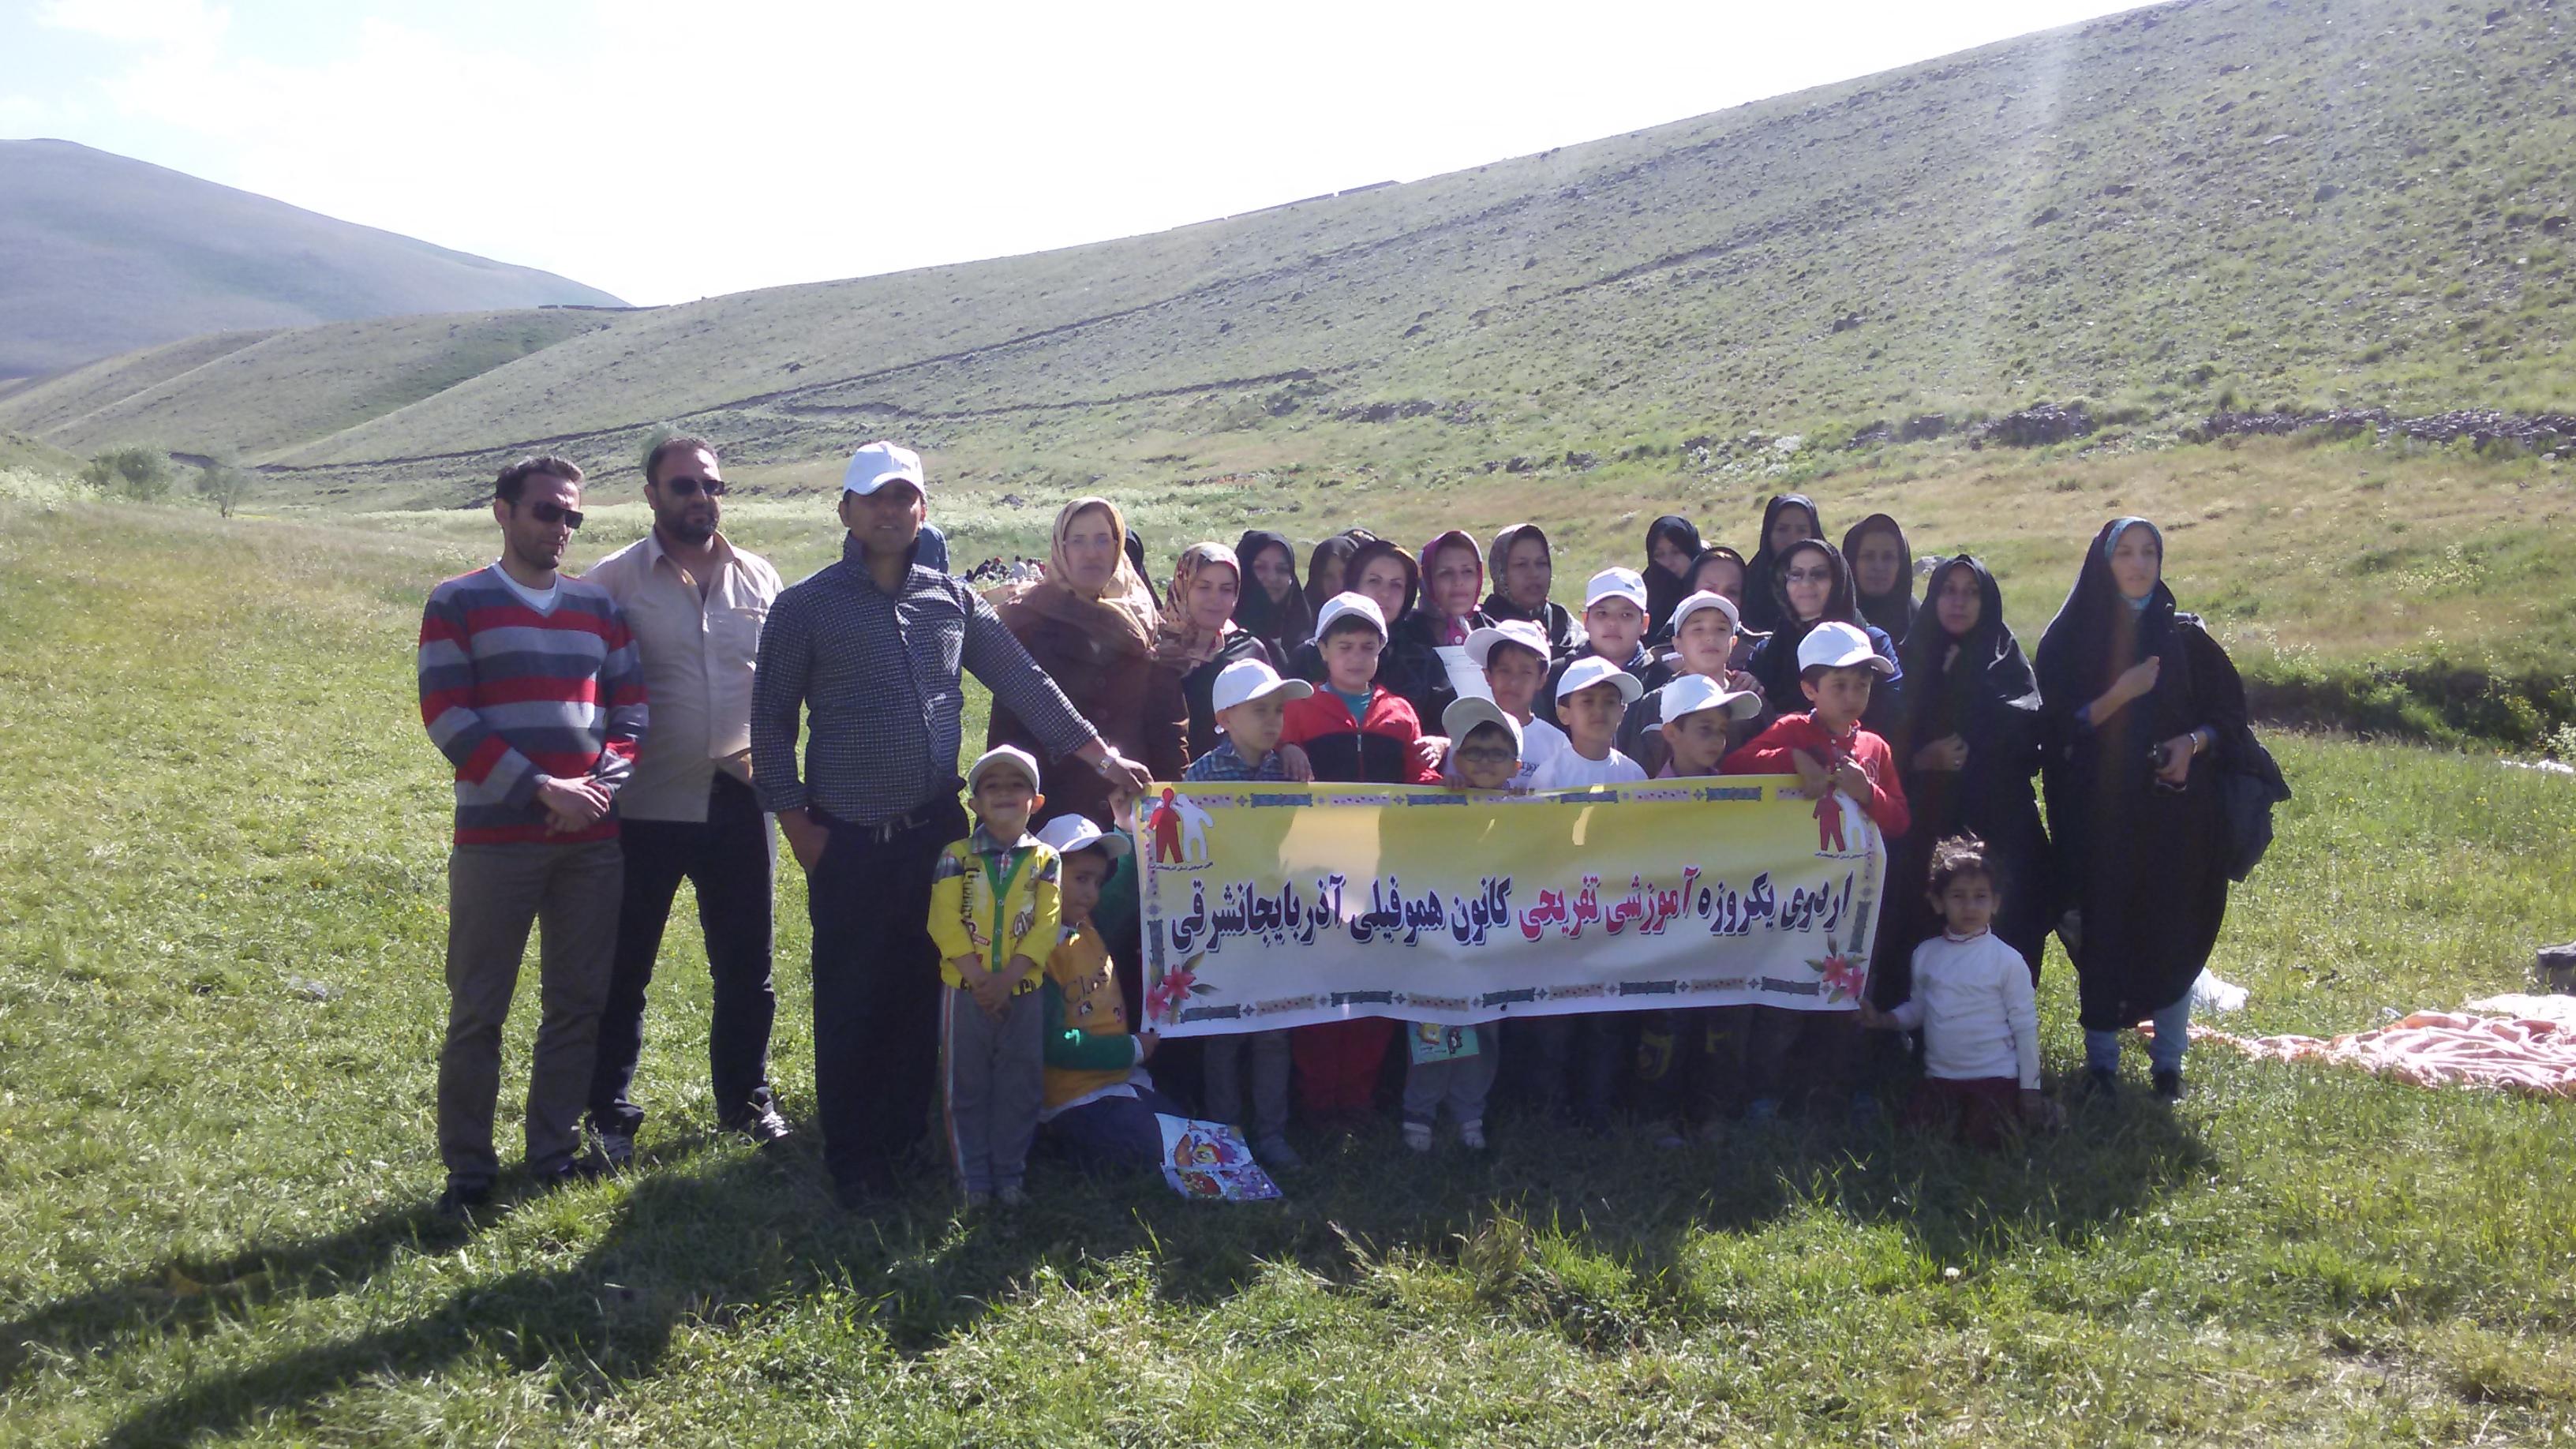 برگزاری اردوی یکروزه آموزشی تفریحی کانون هموفیلی استان آذربایجان شرقی